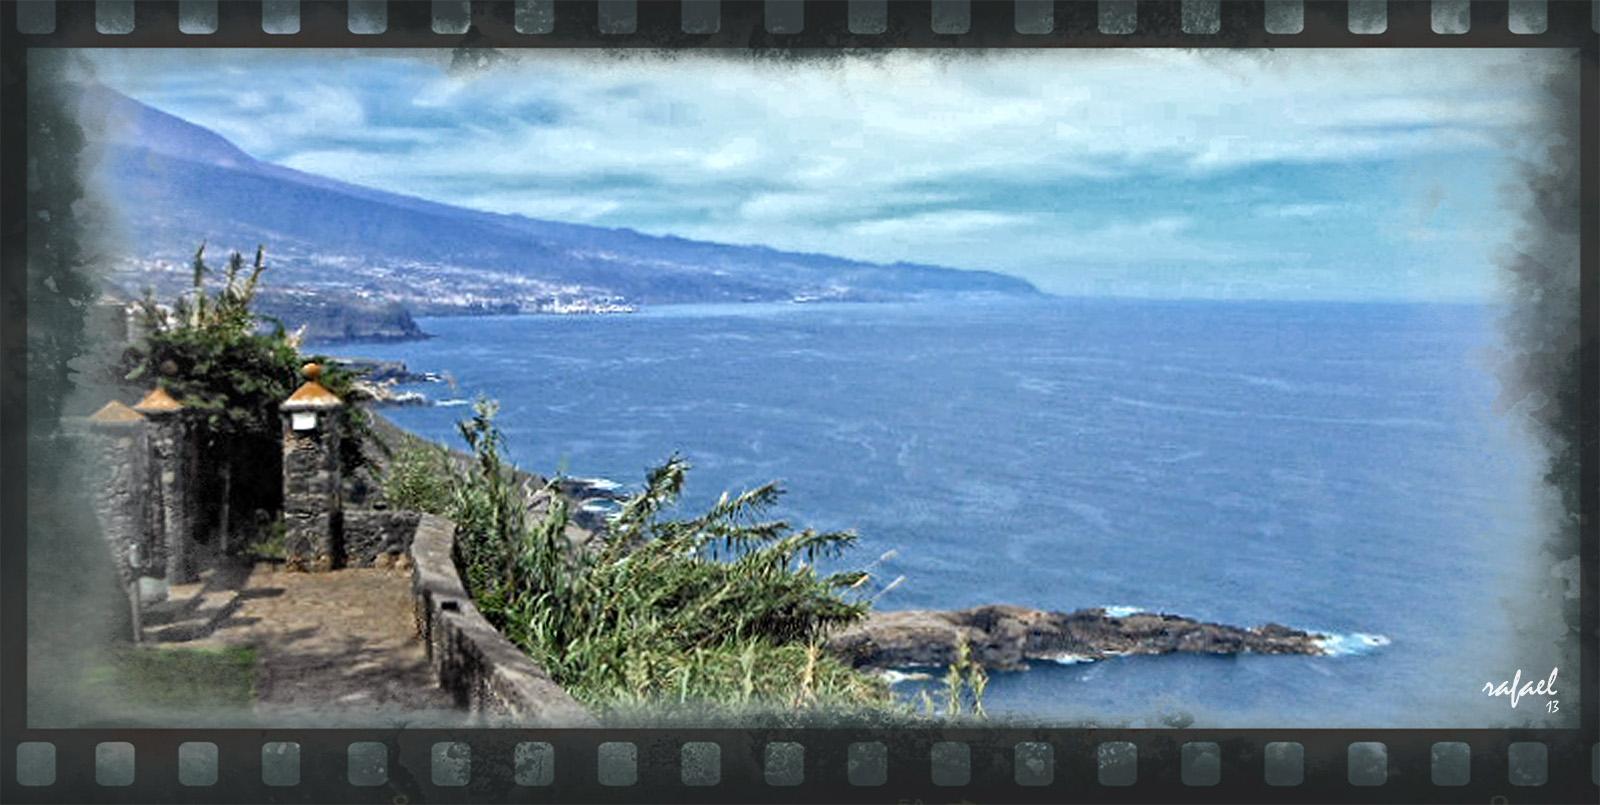 Mirando al mar soñé...